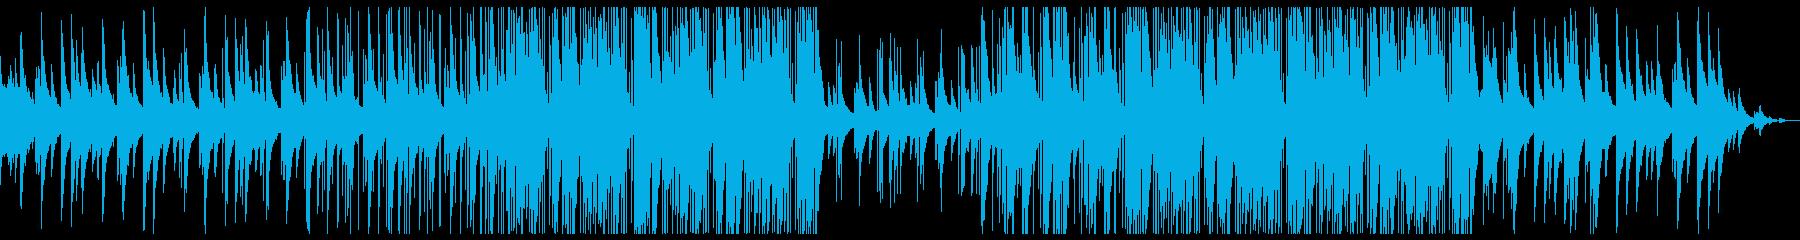 切ない 情緒 トラップビートの再生済みの波形